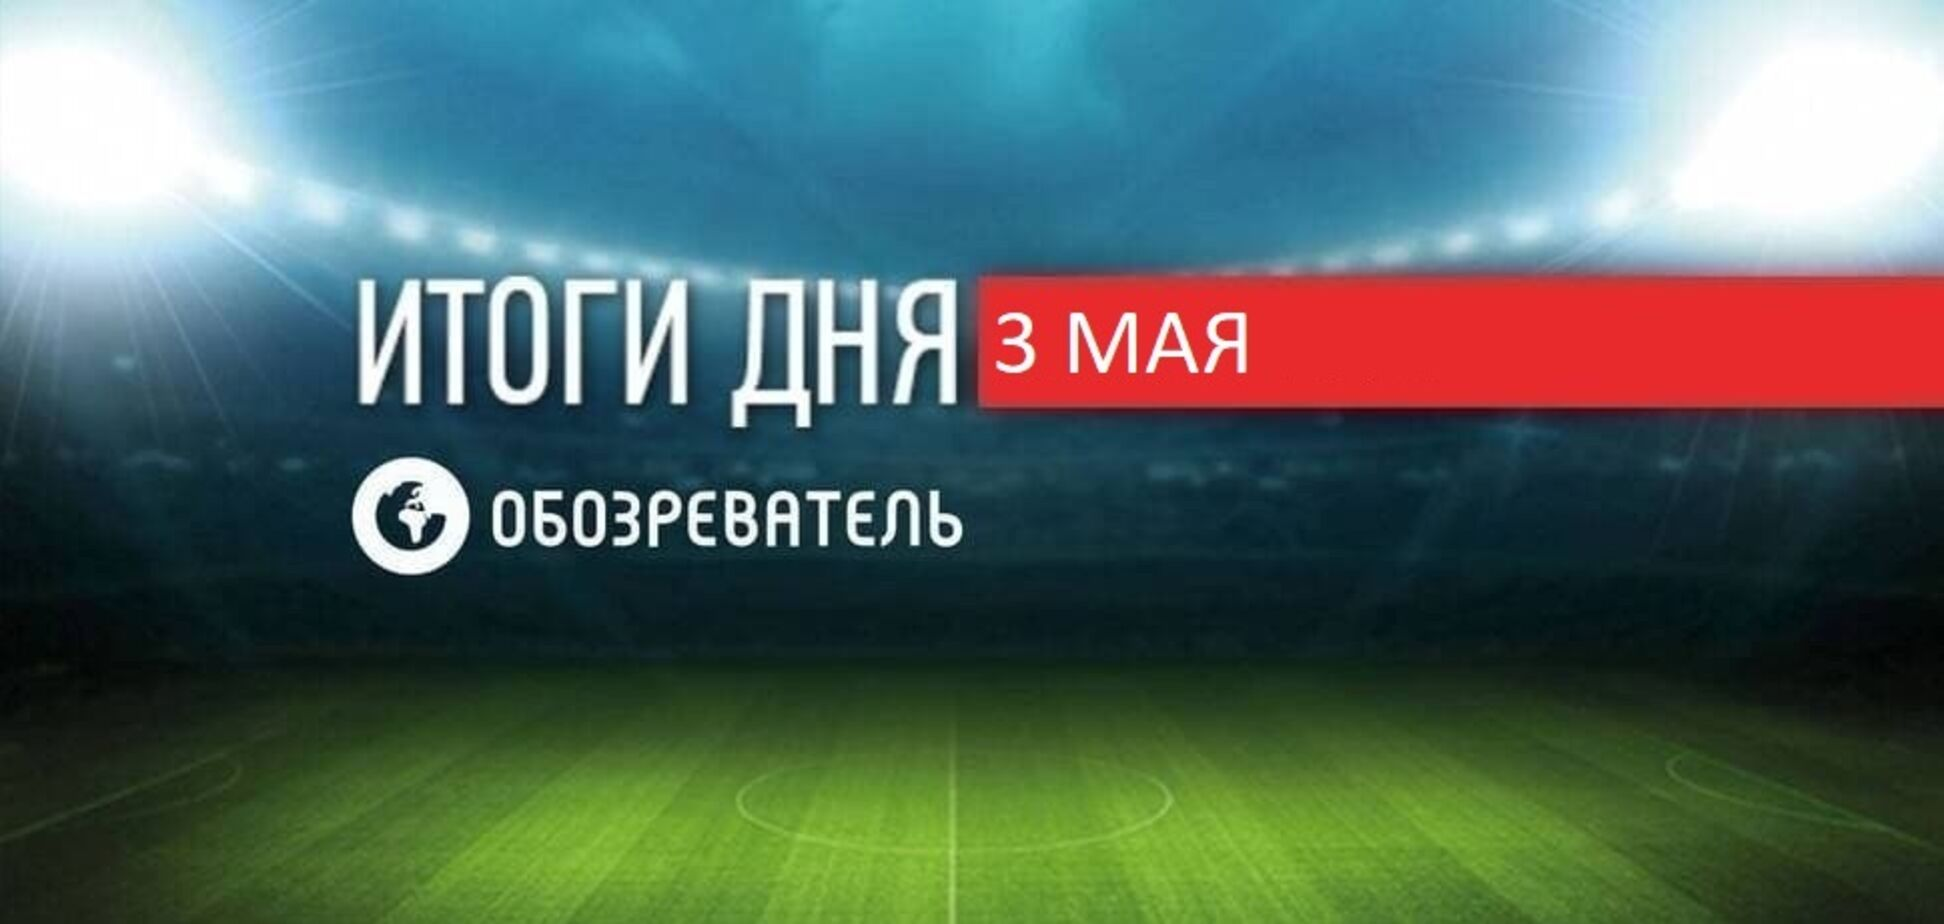 Новости спорта 3 мая: Шевченко хочет покинуть сборную Украины